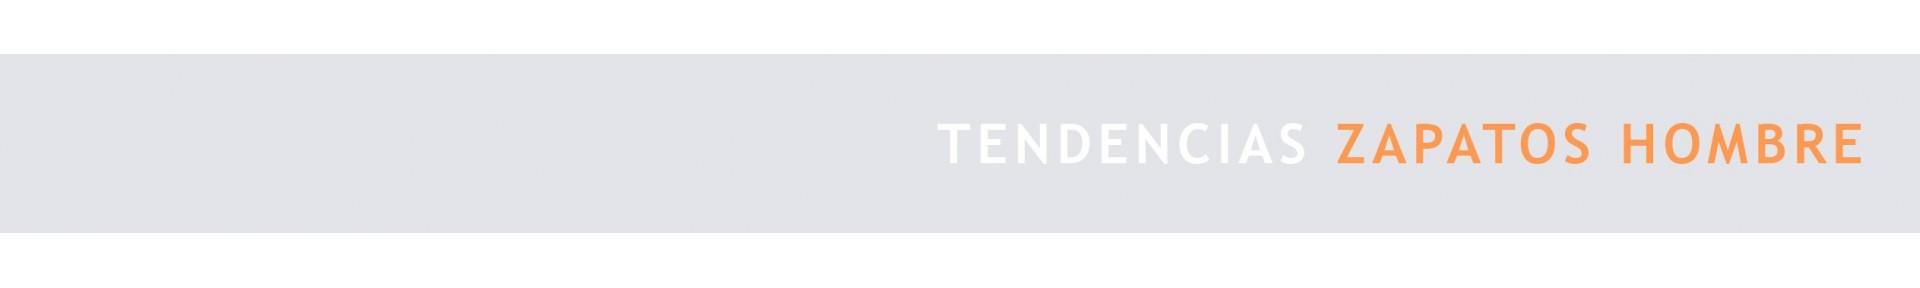 Tendencias en zapatos de hombre Online al mejor precio ® Catchalot